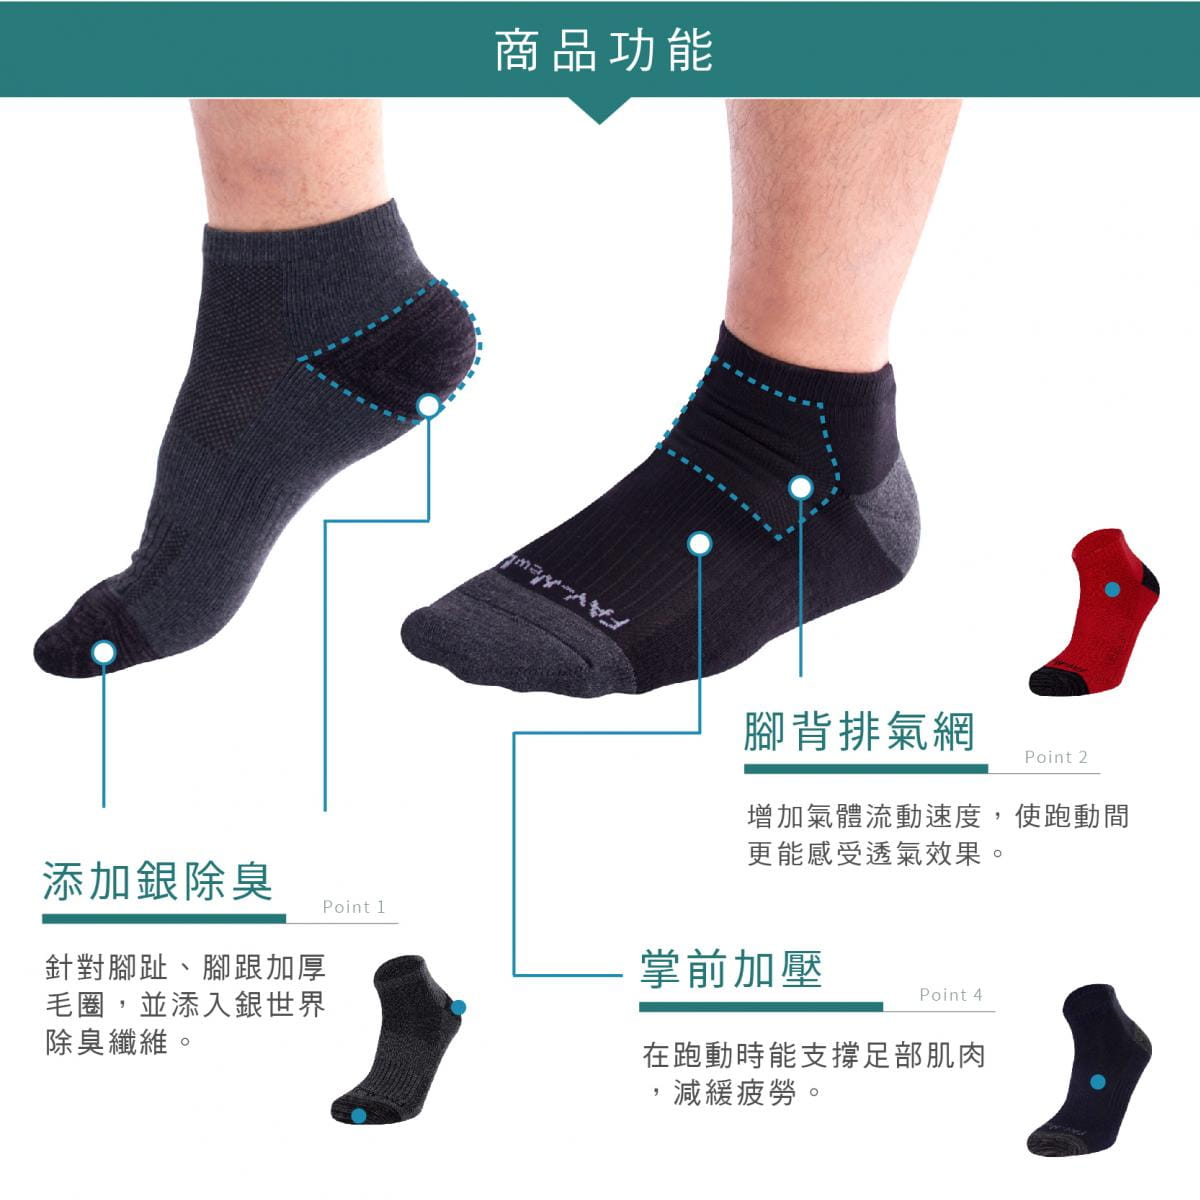 【FAV】除臭運動襪 (一般底、毛巾底) 3